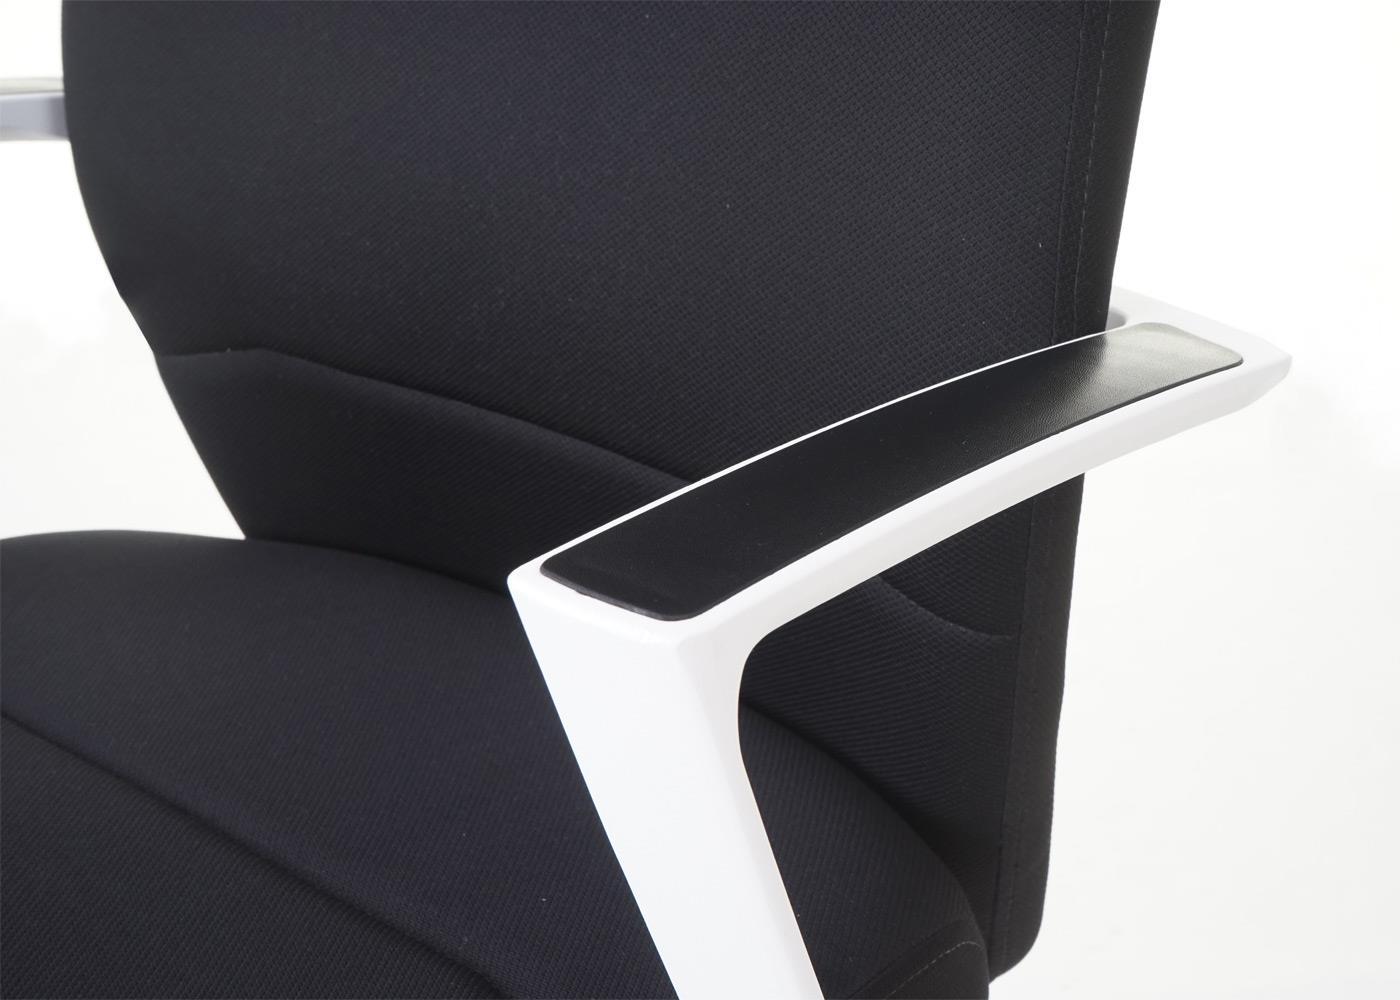 Poltrona da ufficio pinat design esclusivo con cuciture a vista